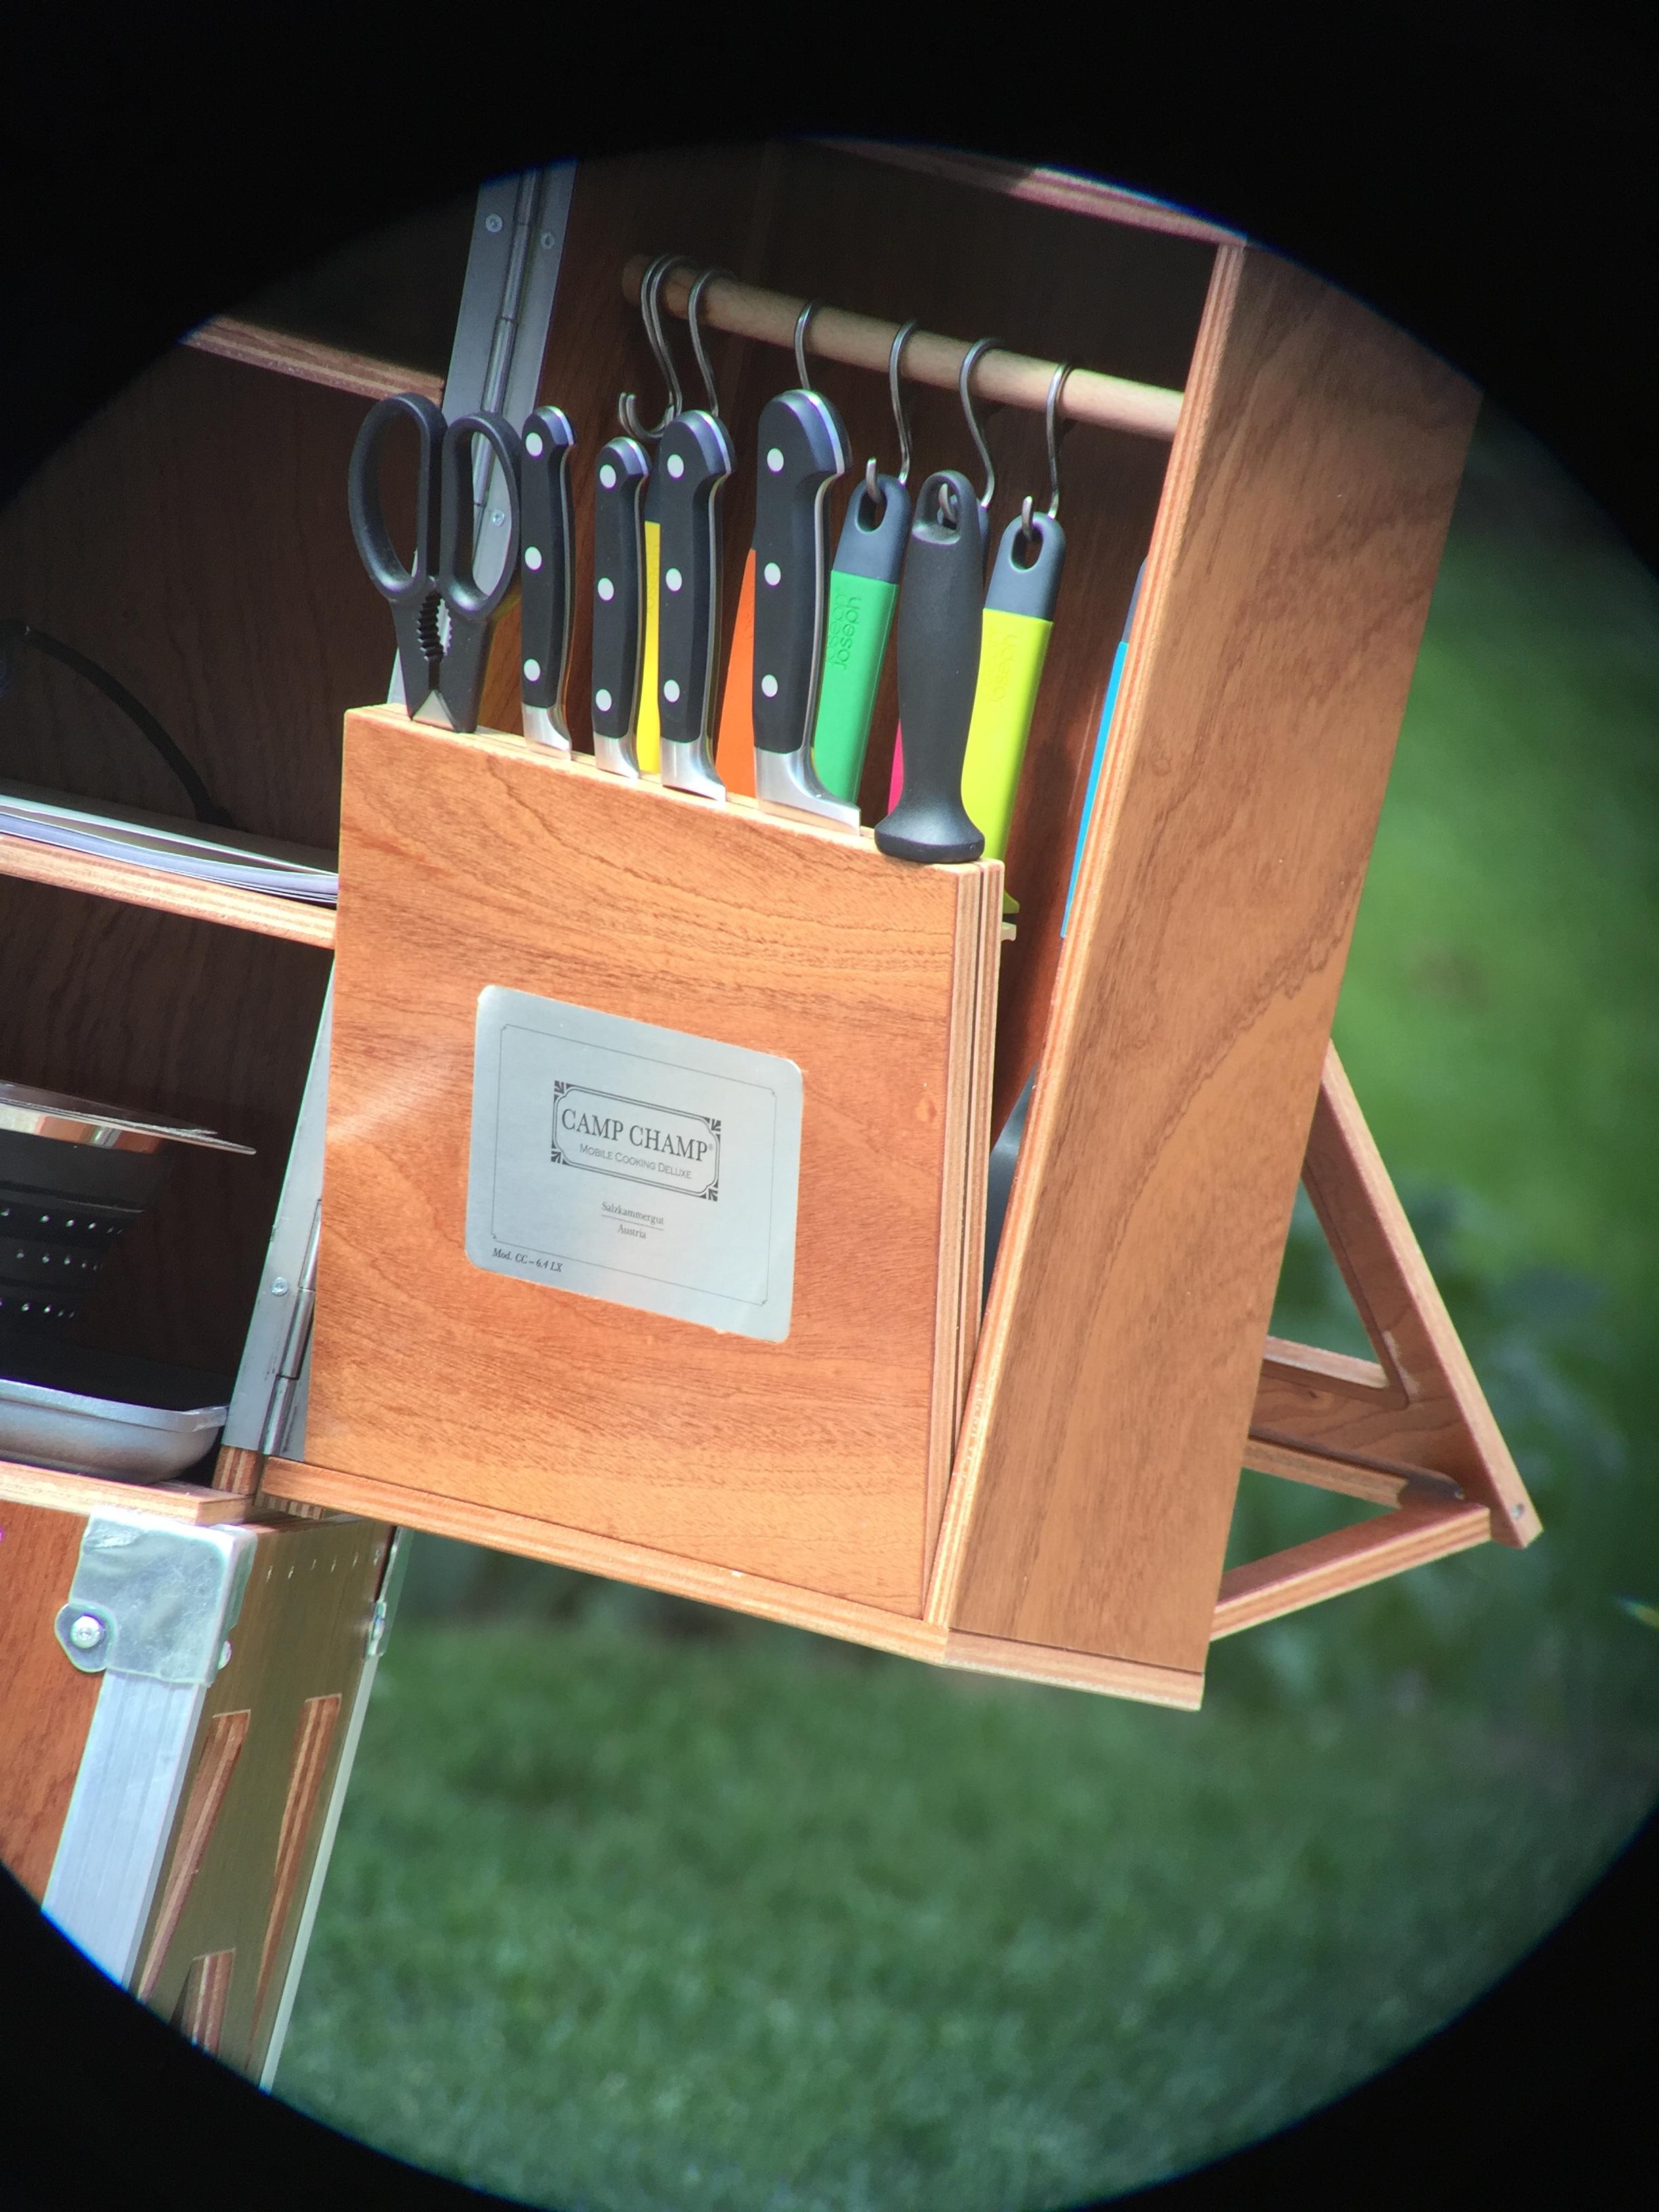 Camp Champ outdoor kitchen Digiscoping by Georg Œhler via Swarovski Optik ATX